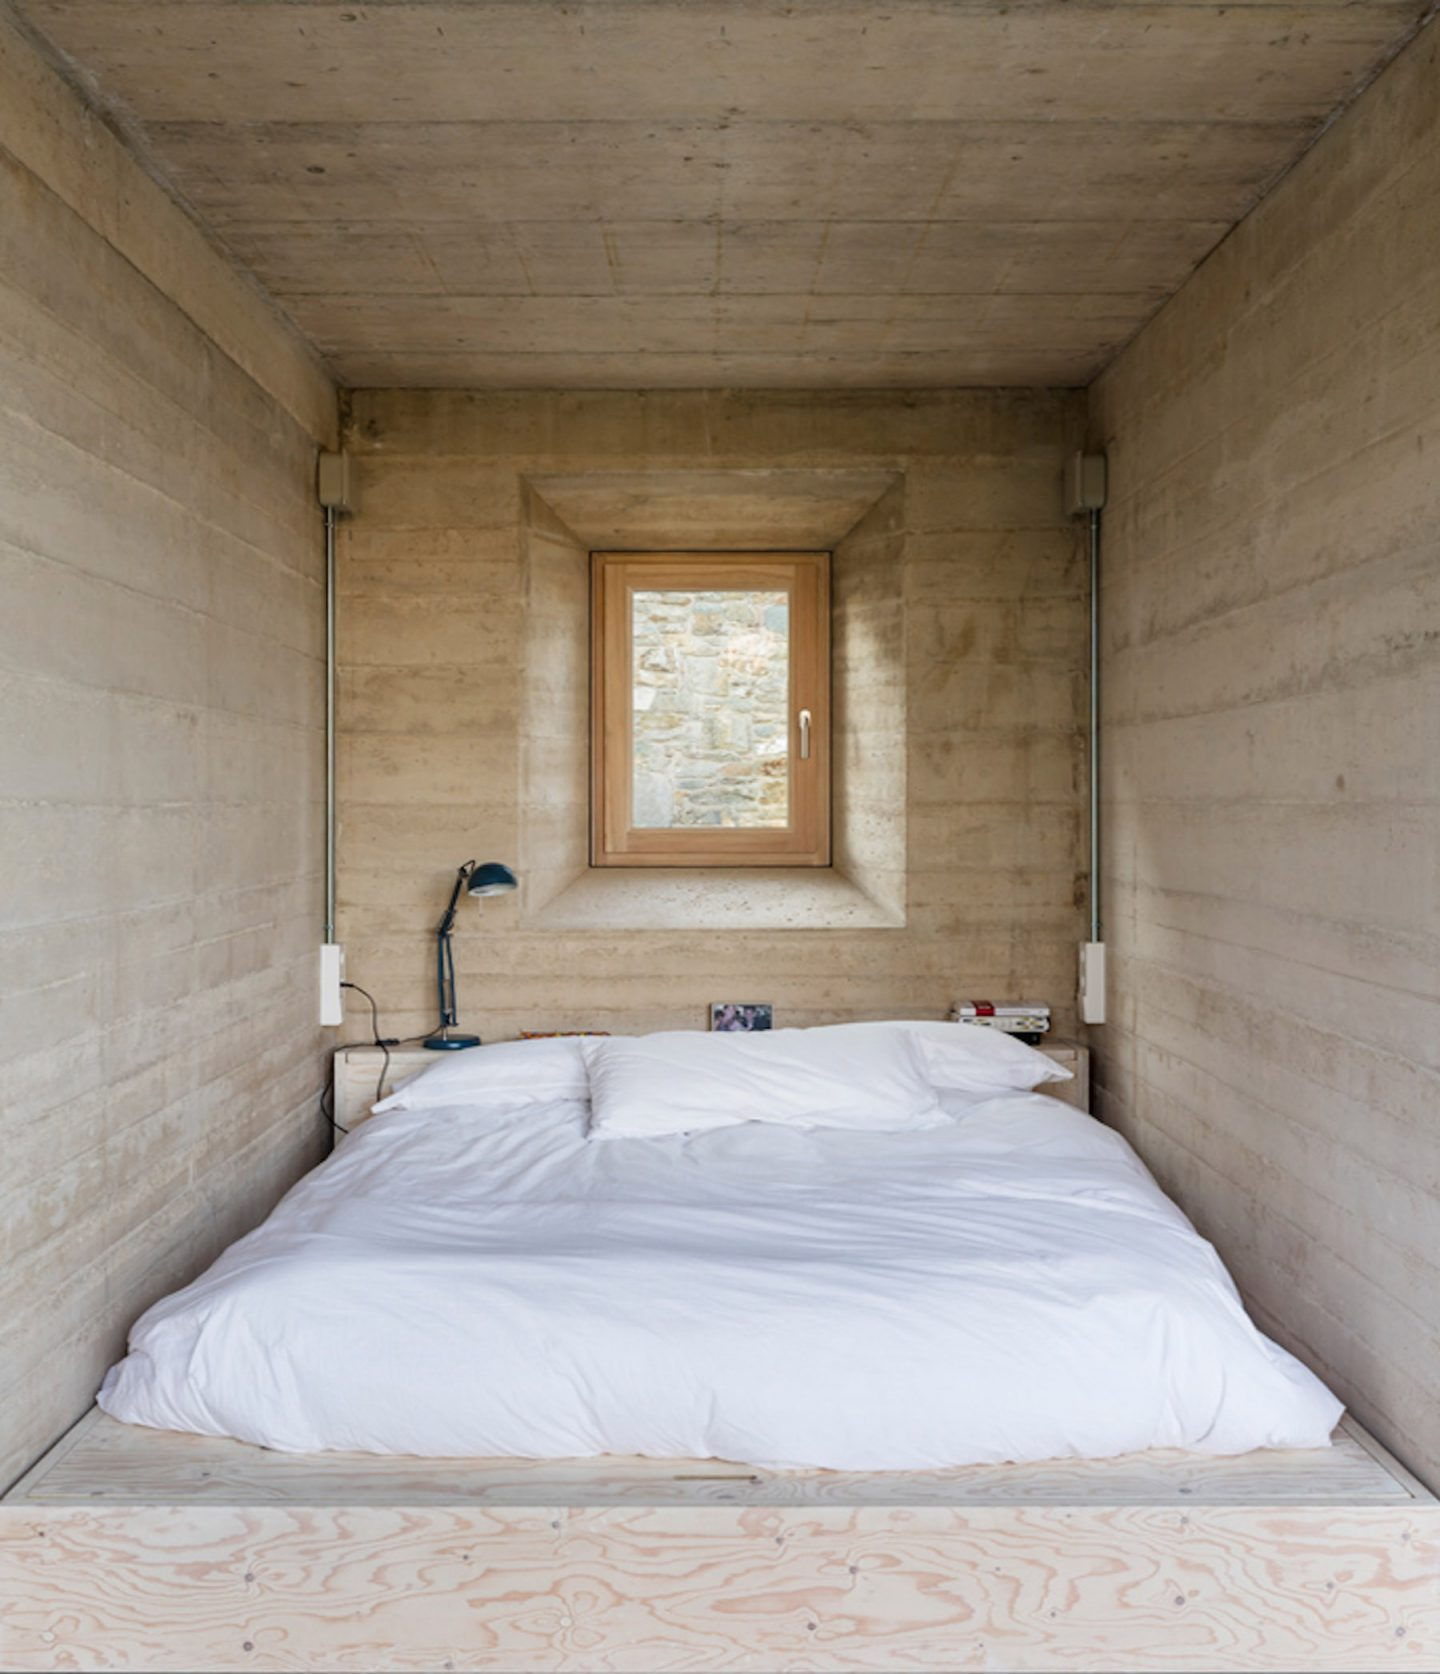 iGNANT-Architecture-Harquitectes-1413-House-01